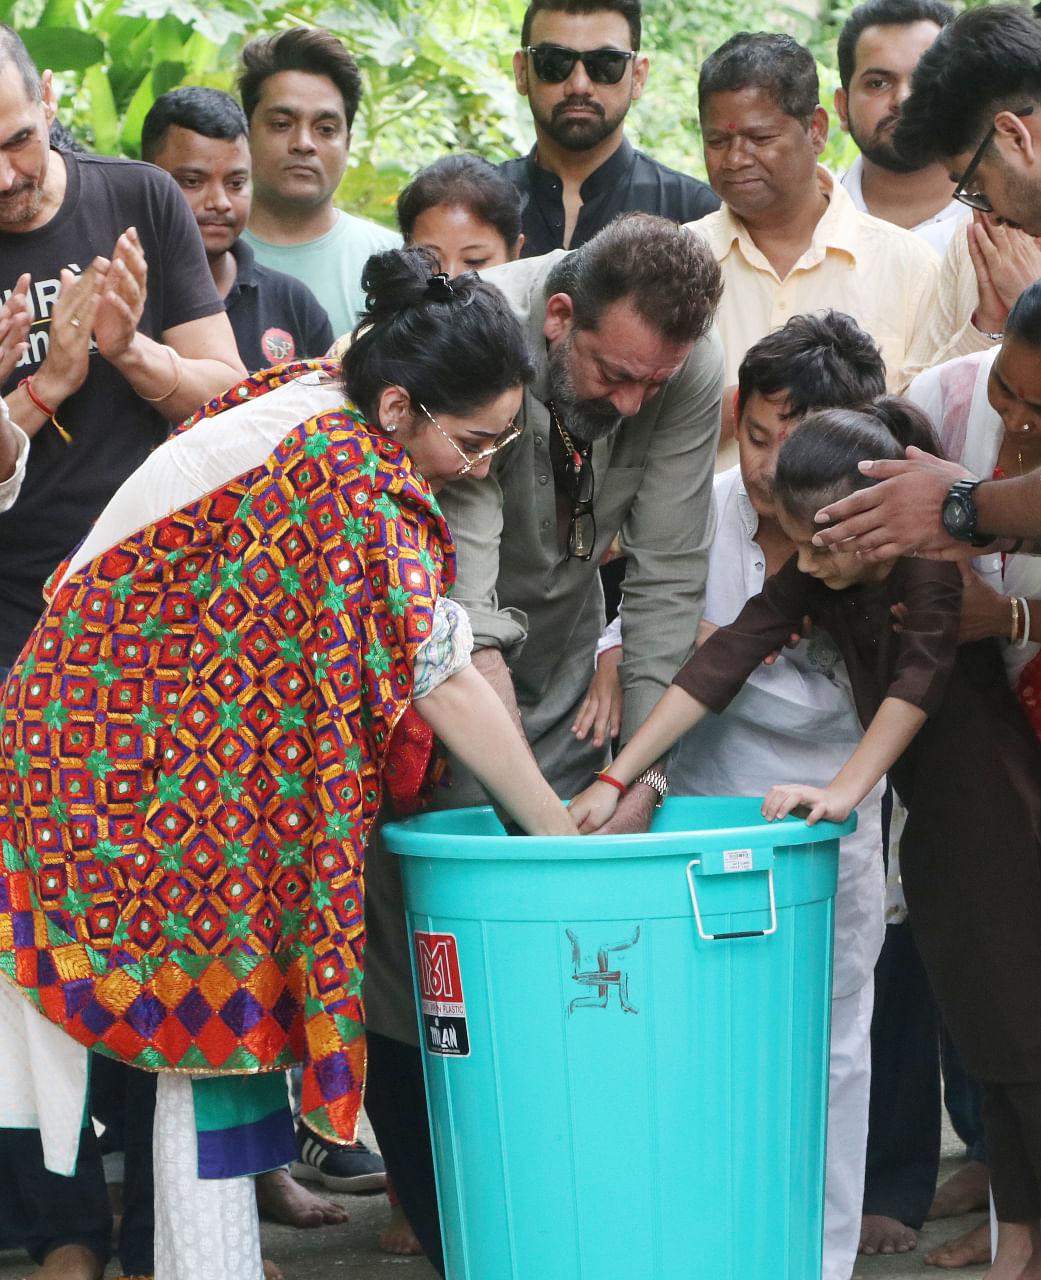 Sanjay, Maanyata and their kids immerse Ganesh idol in a bucket.